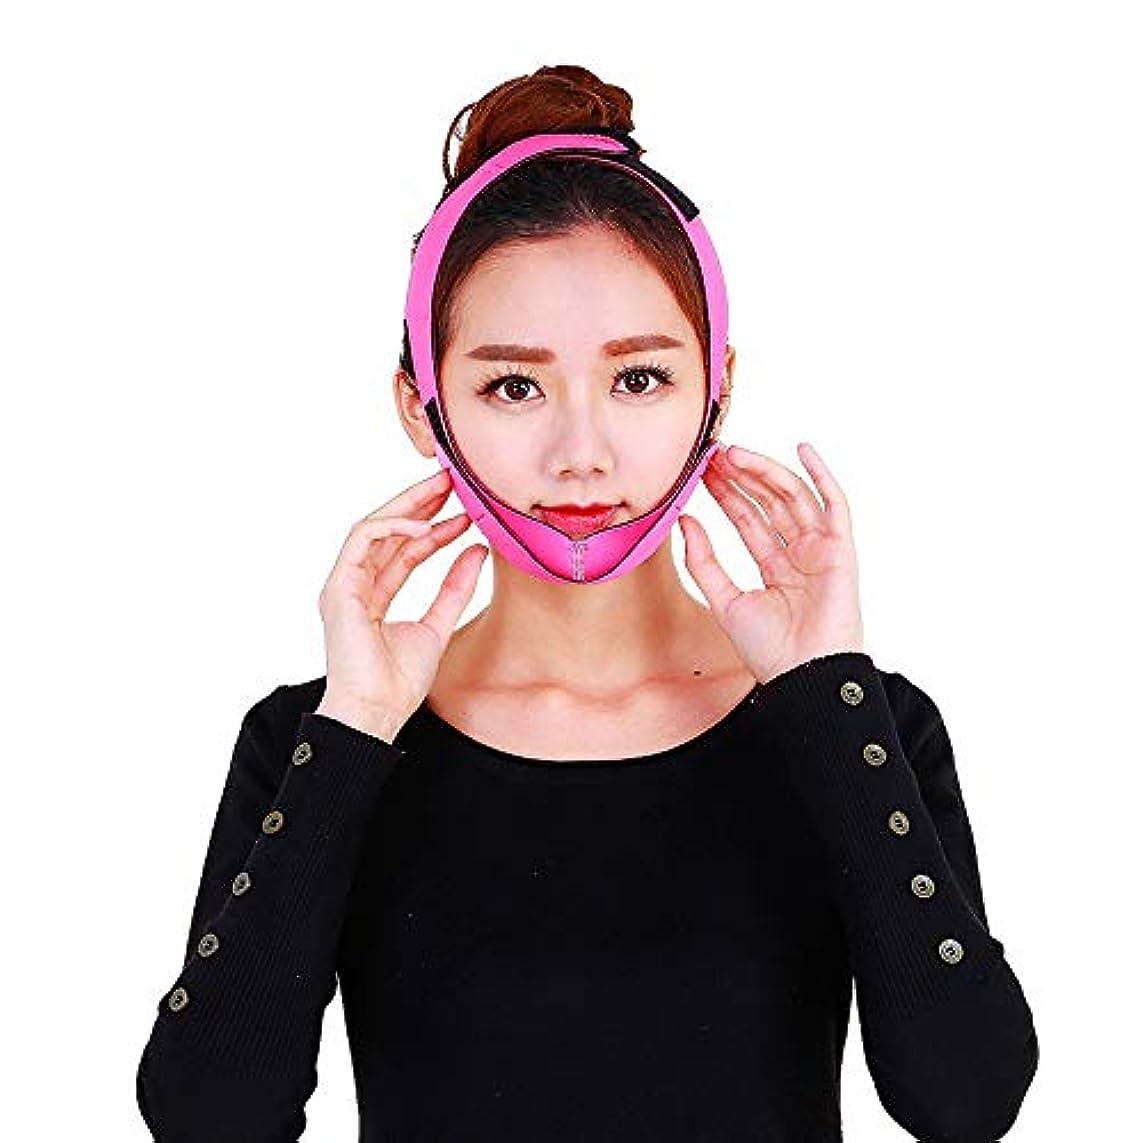 適性好き成熟した二重顎ベルト、美容マスク、しっかり持ち上げ、顔を持ち上げる包帯、V字形の人工物